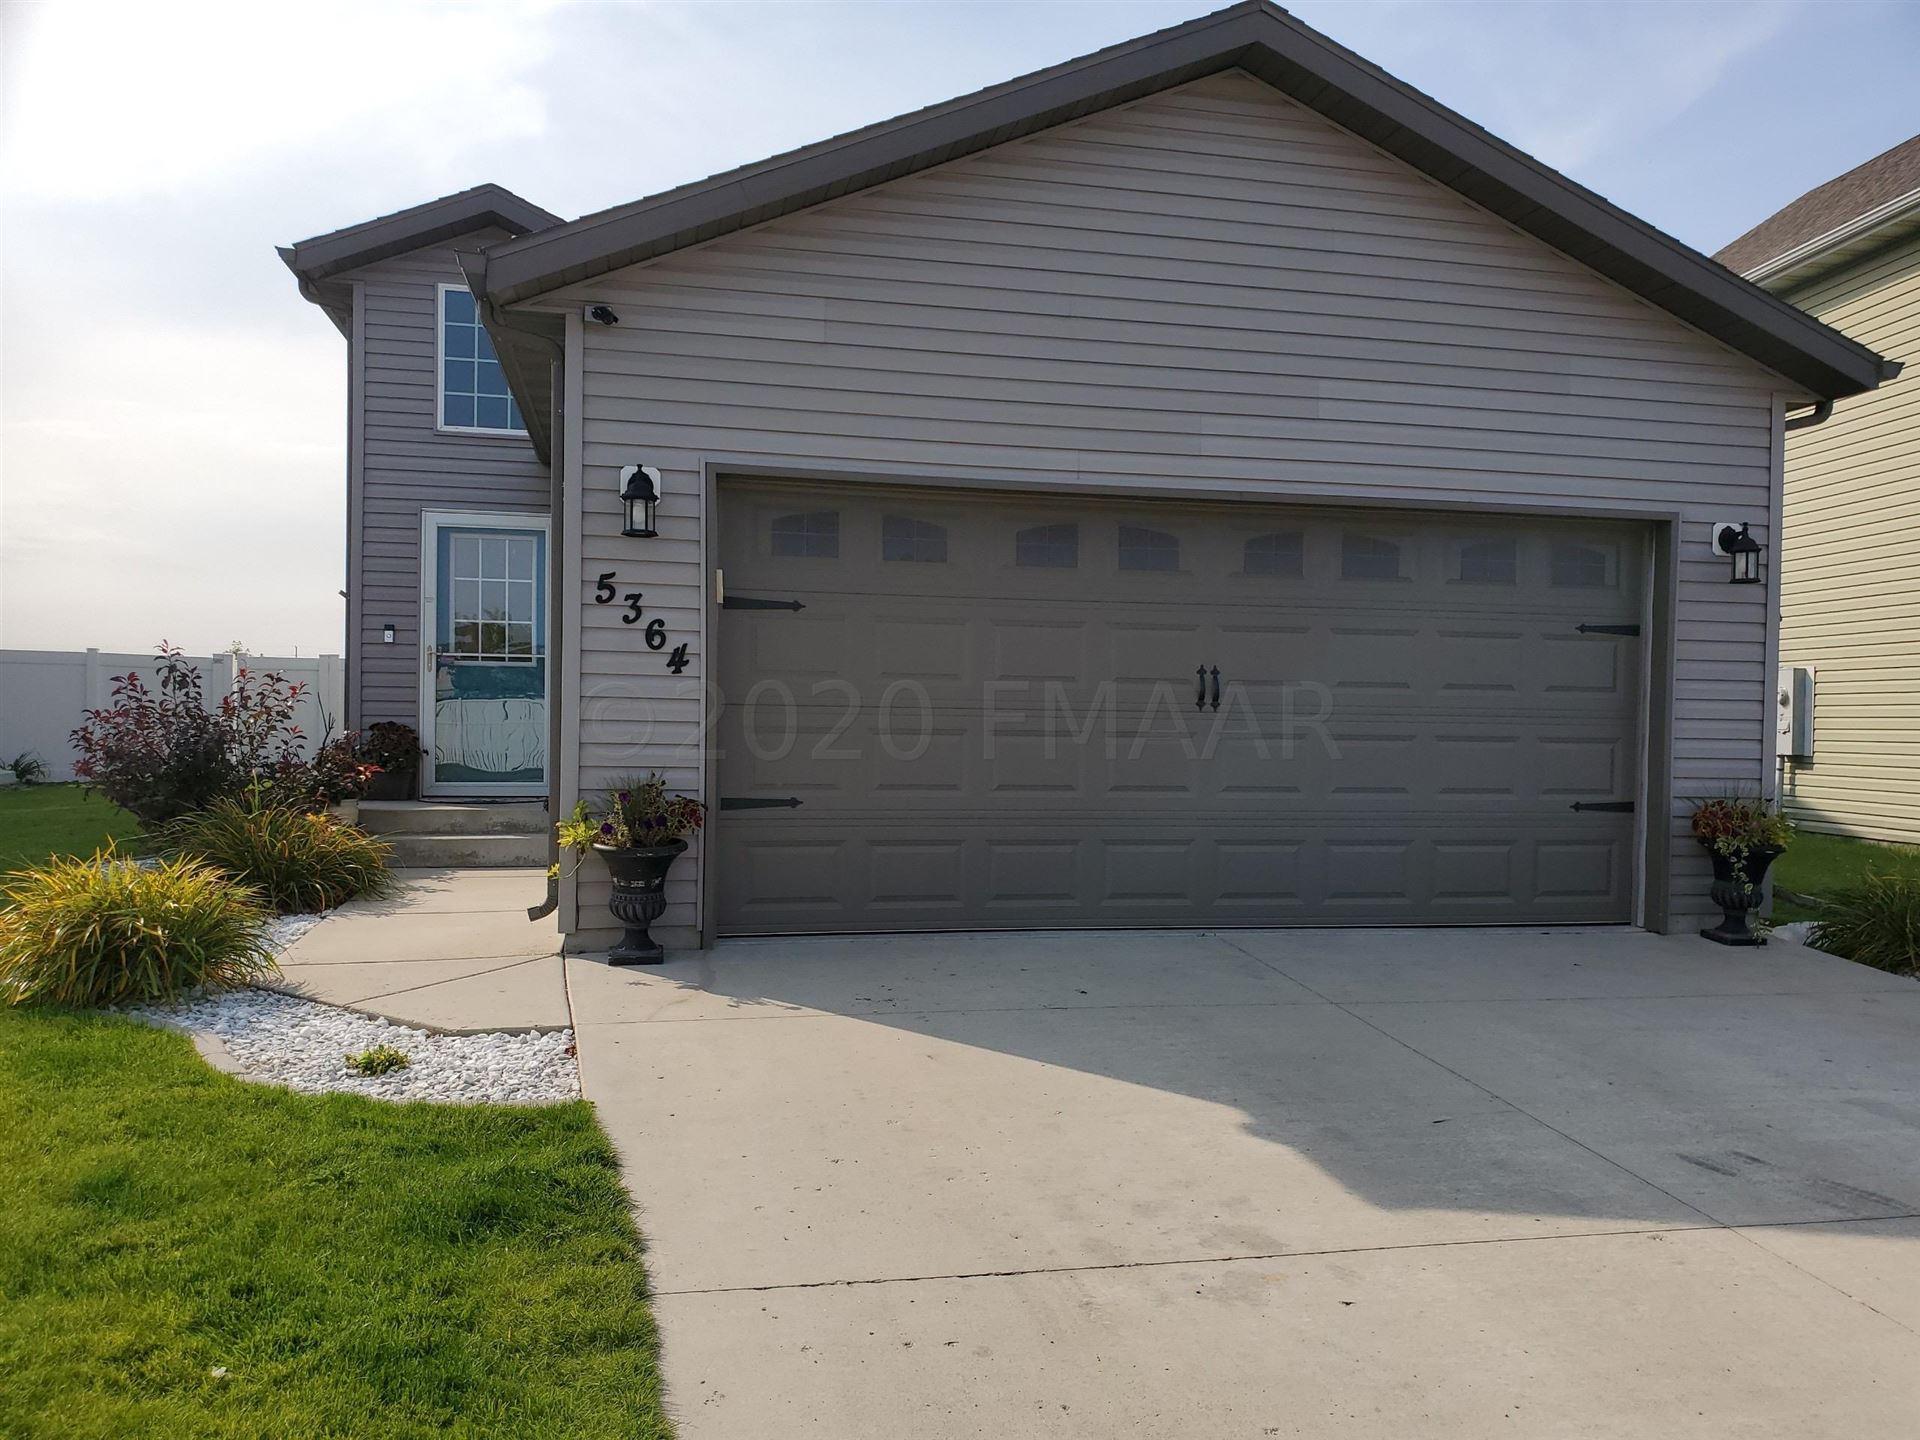 5364 49 Avenue S, Fargo, ND 58104 - #: 20-5607